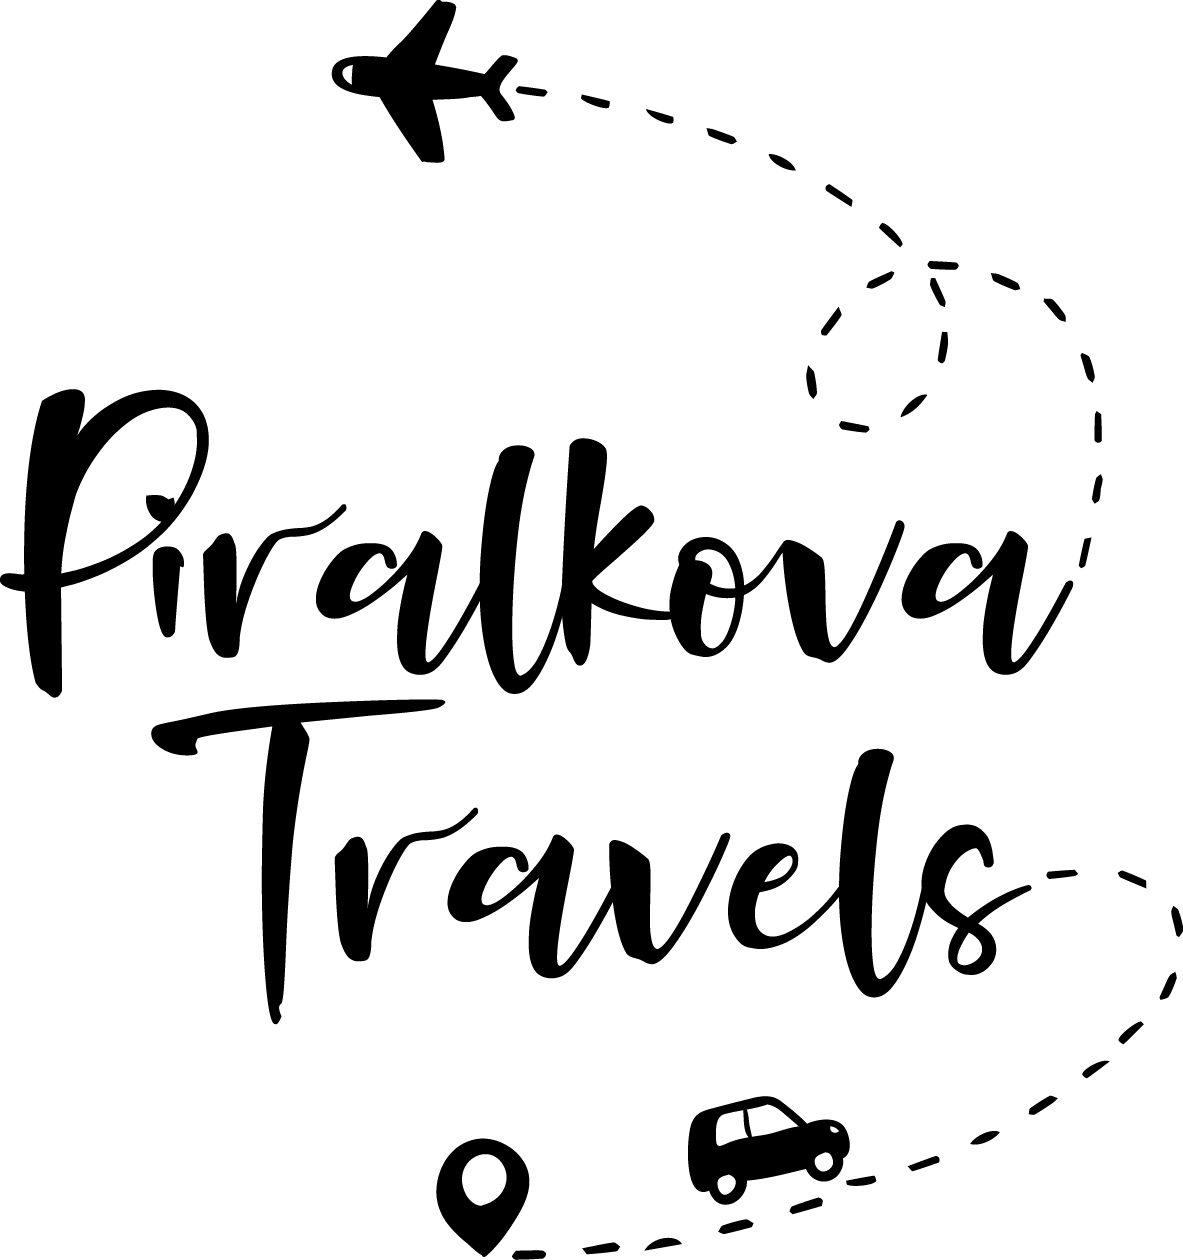 Piralkova Travels